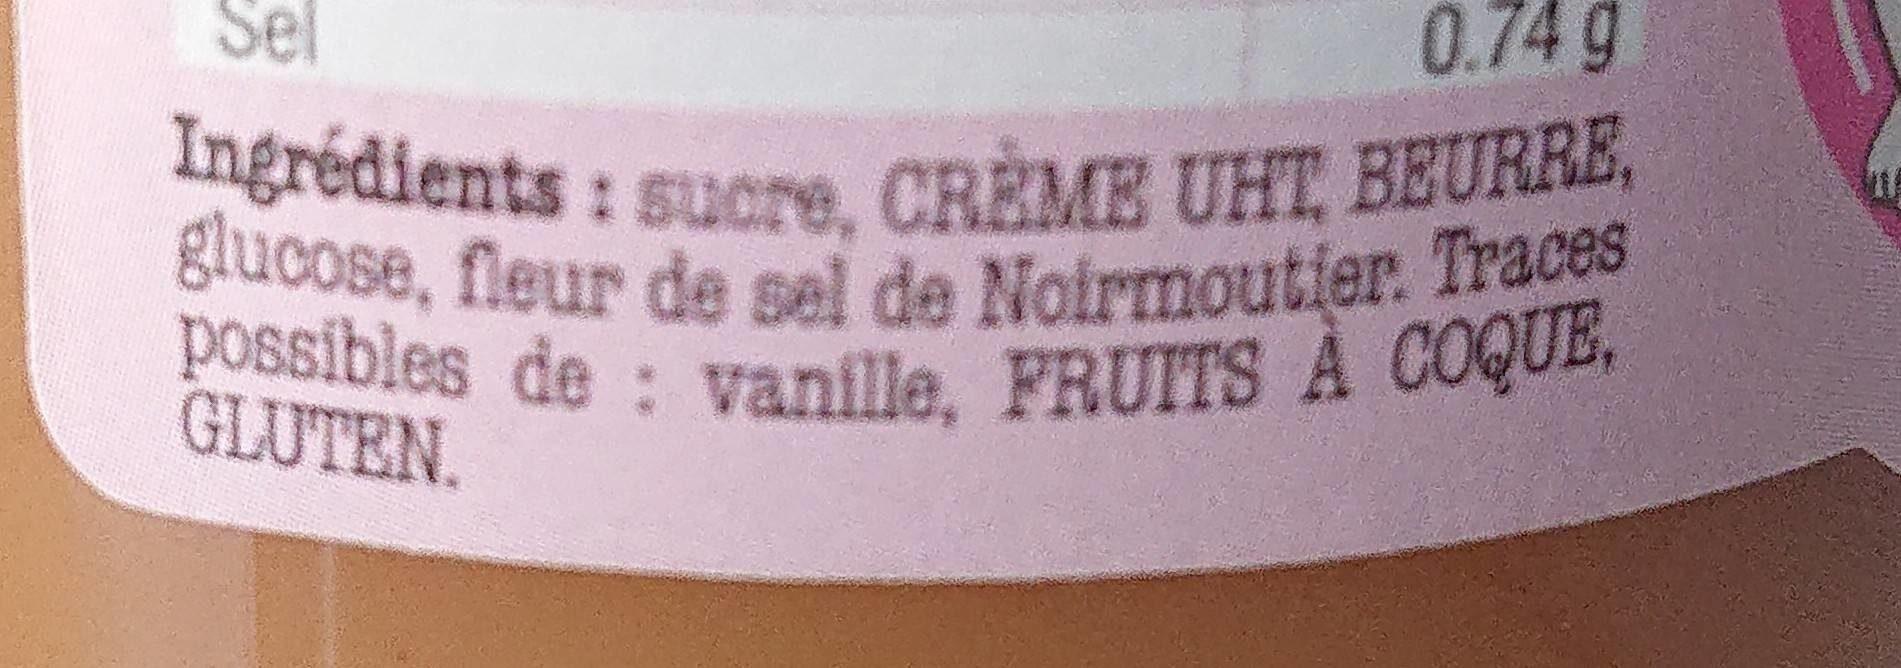 Le Caramel de NOIRMOUTIER - Ingrediënten - fr